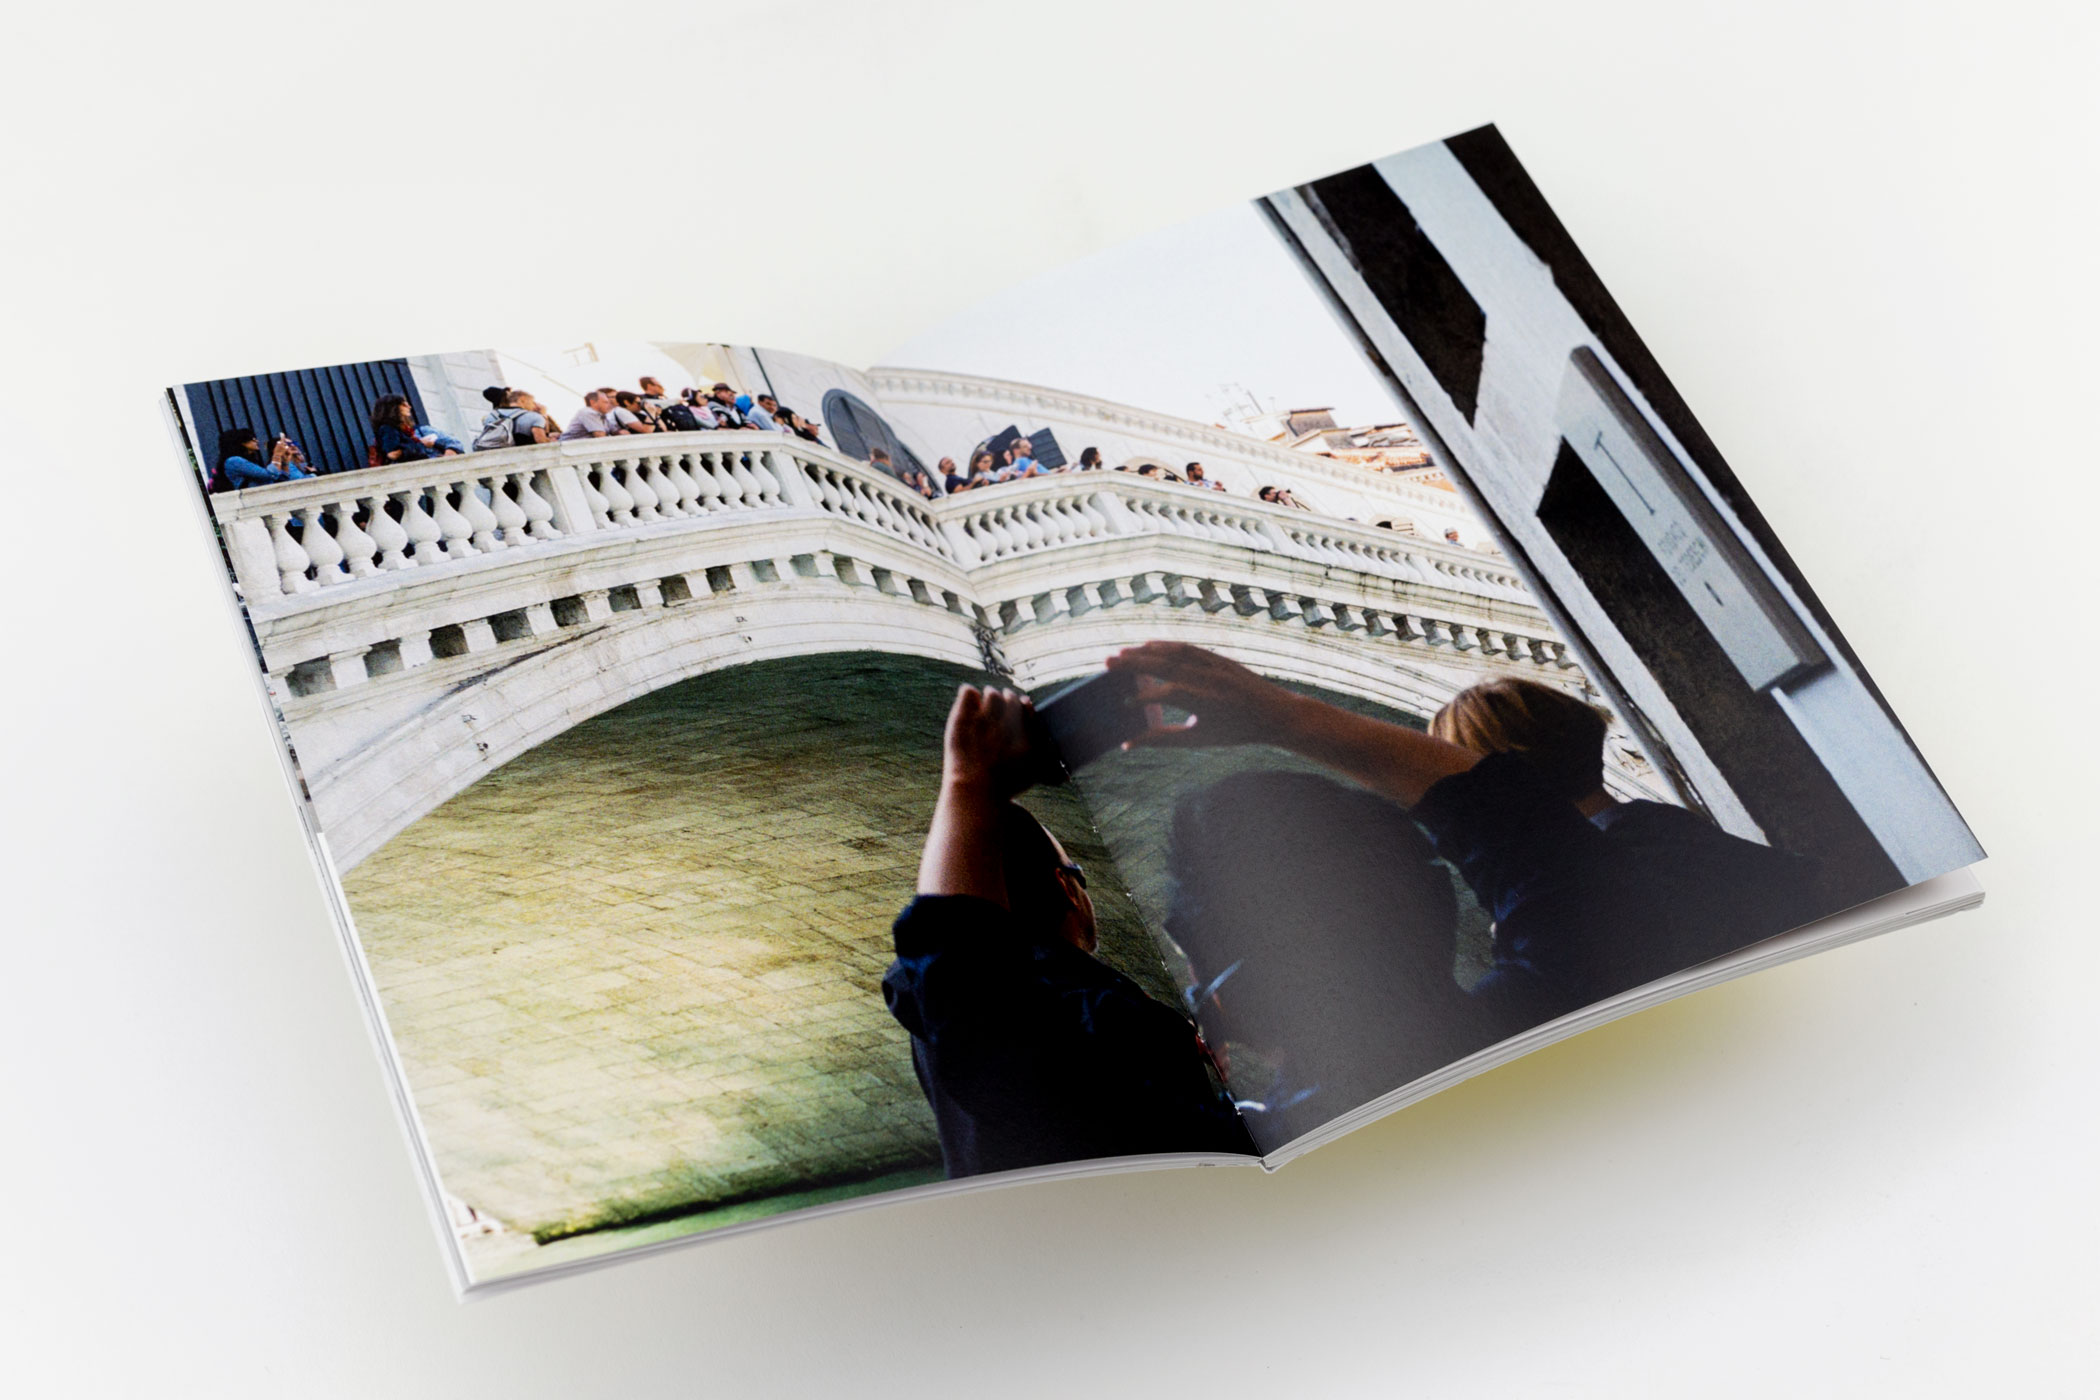 Fotograaf Annosh Urbanke kwam naar De Monsterkamer om papier uit te zoeken voor het boek You Press the Button, We Do the Rest - Encountering Experience.